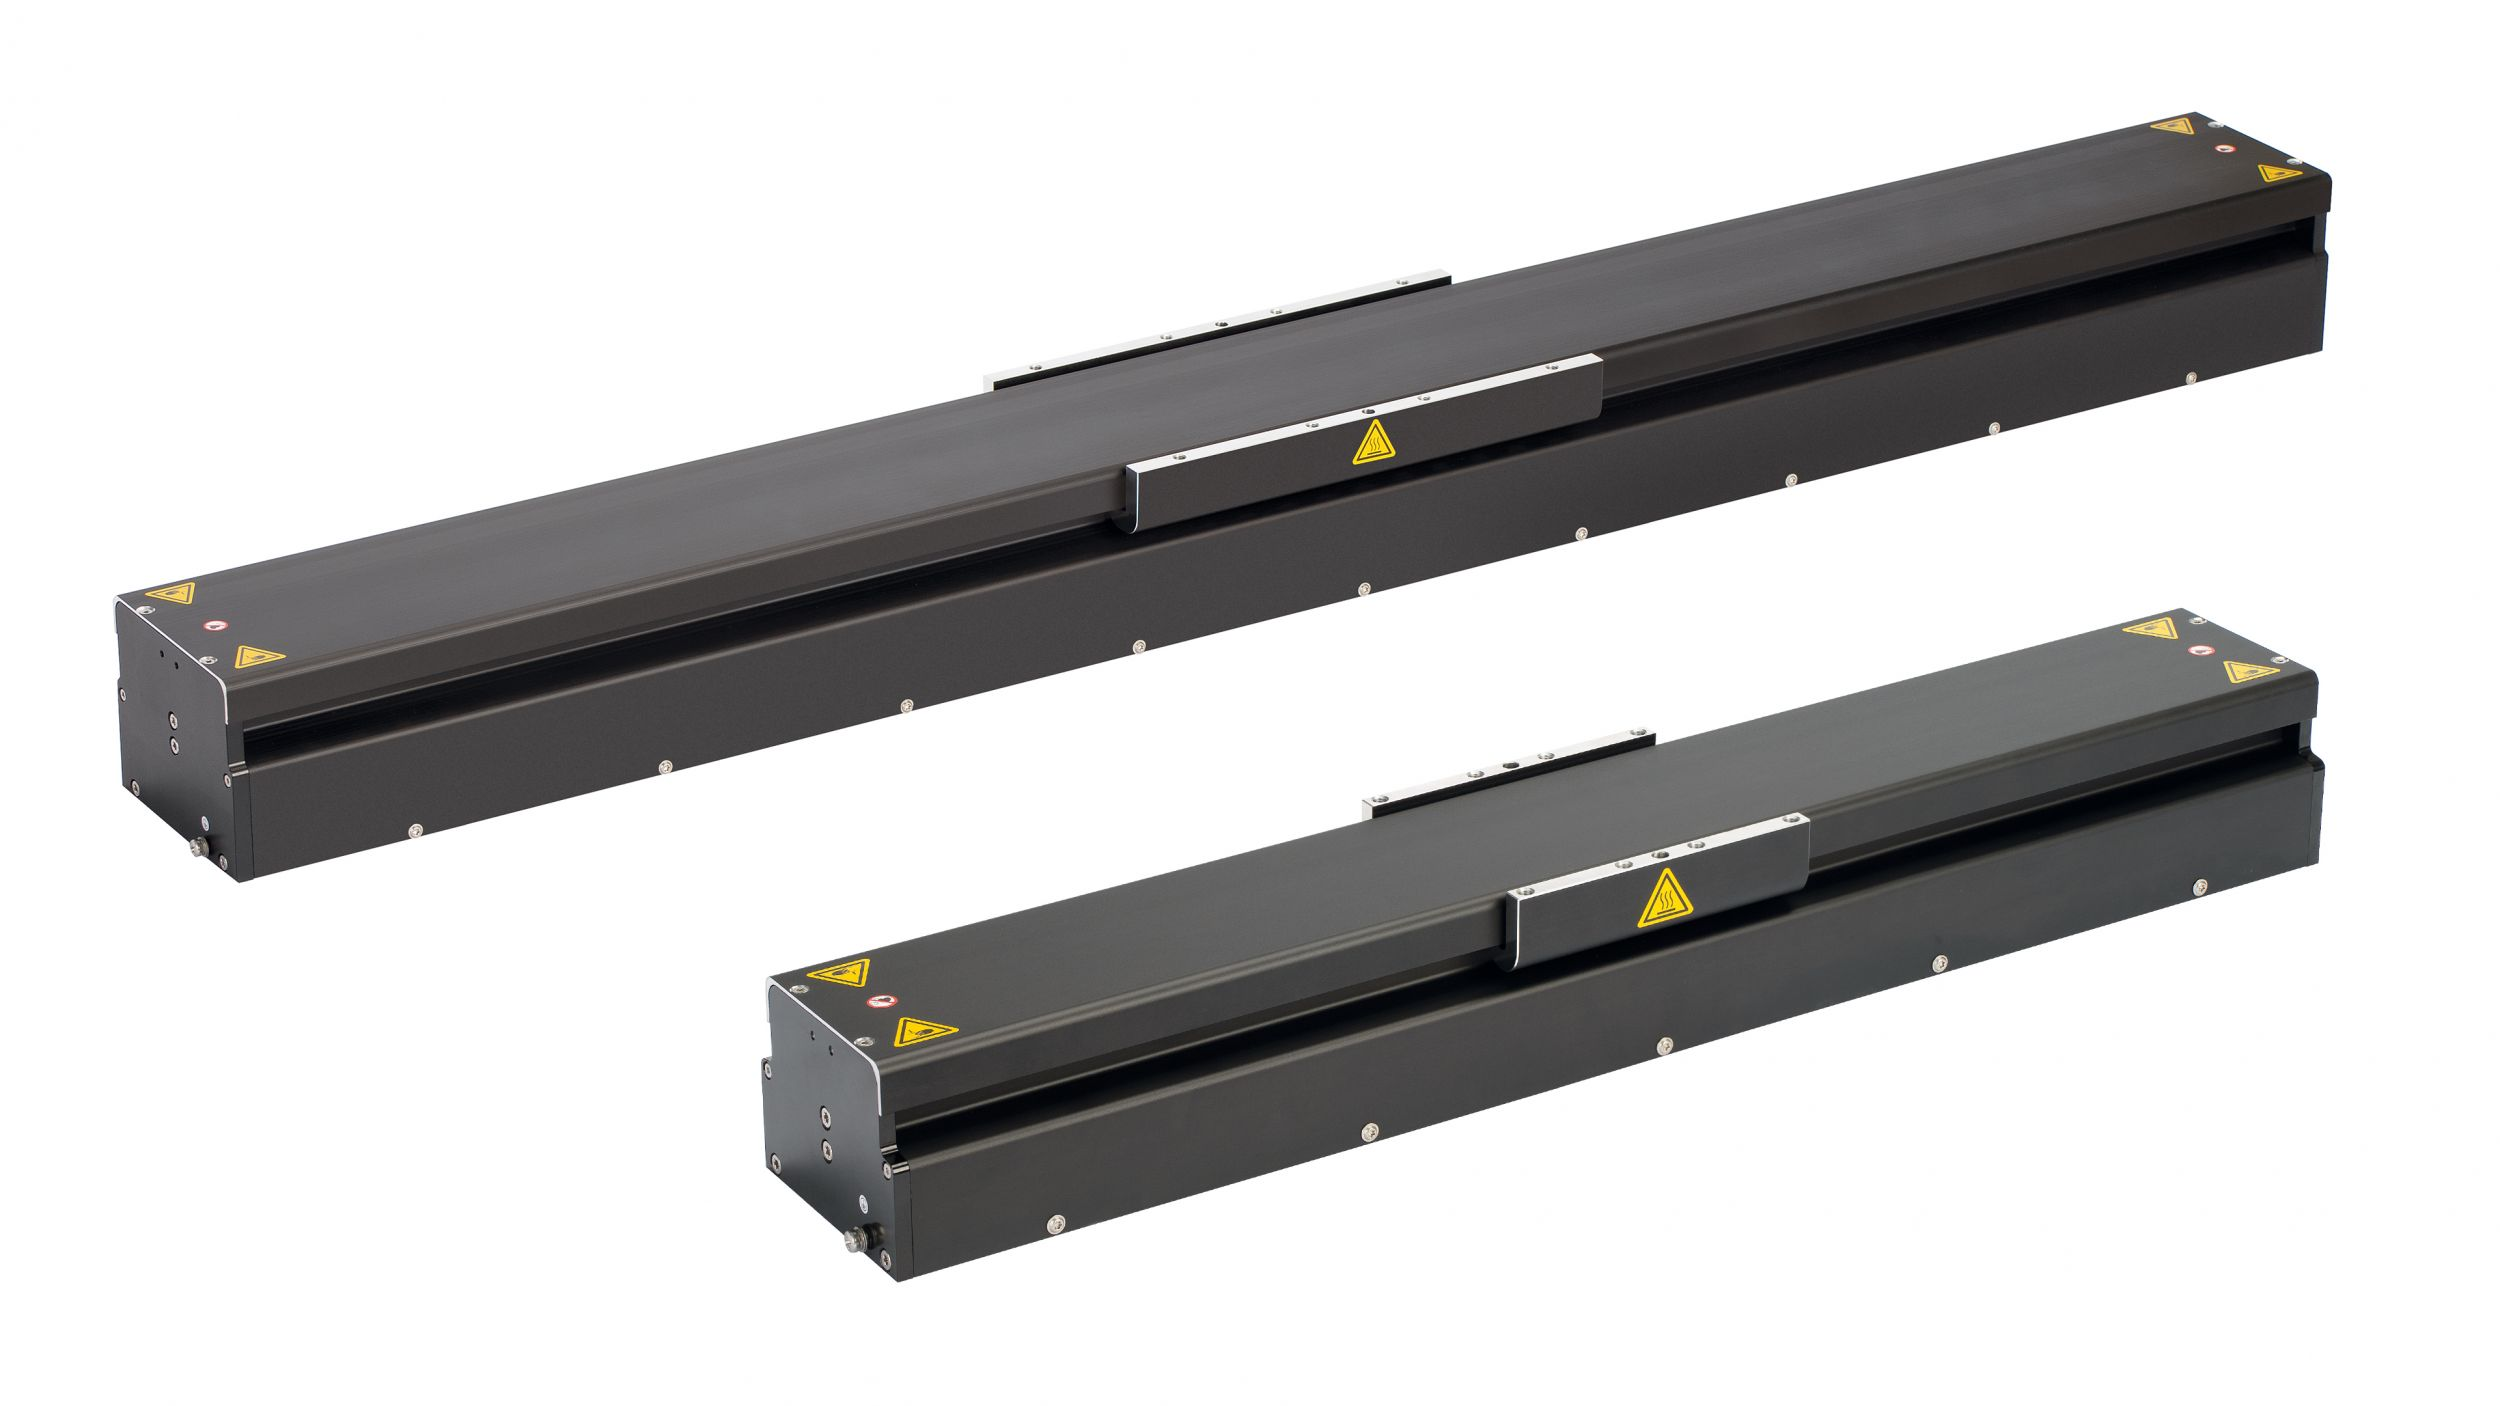 Hochlast-Lineartische für schnelle und wiederholgenaue Positionierung